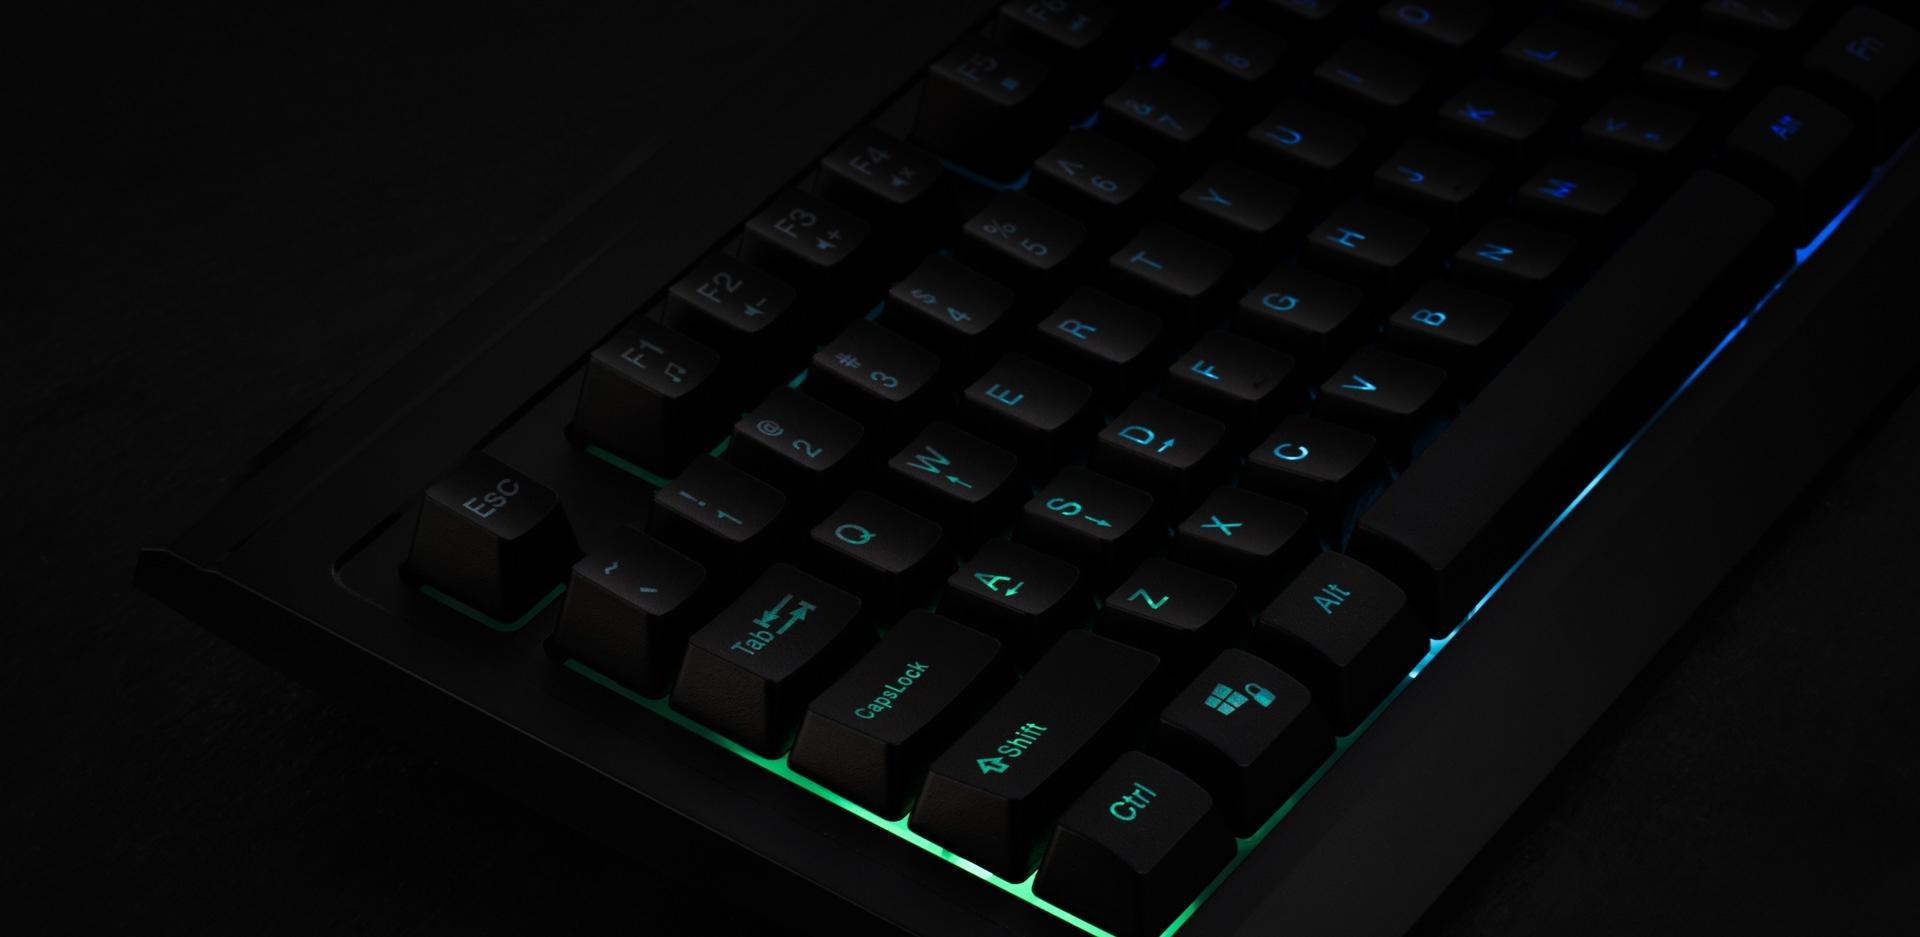 ZeroGround Toromi - Gaming keyboard